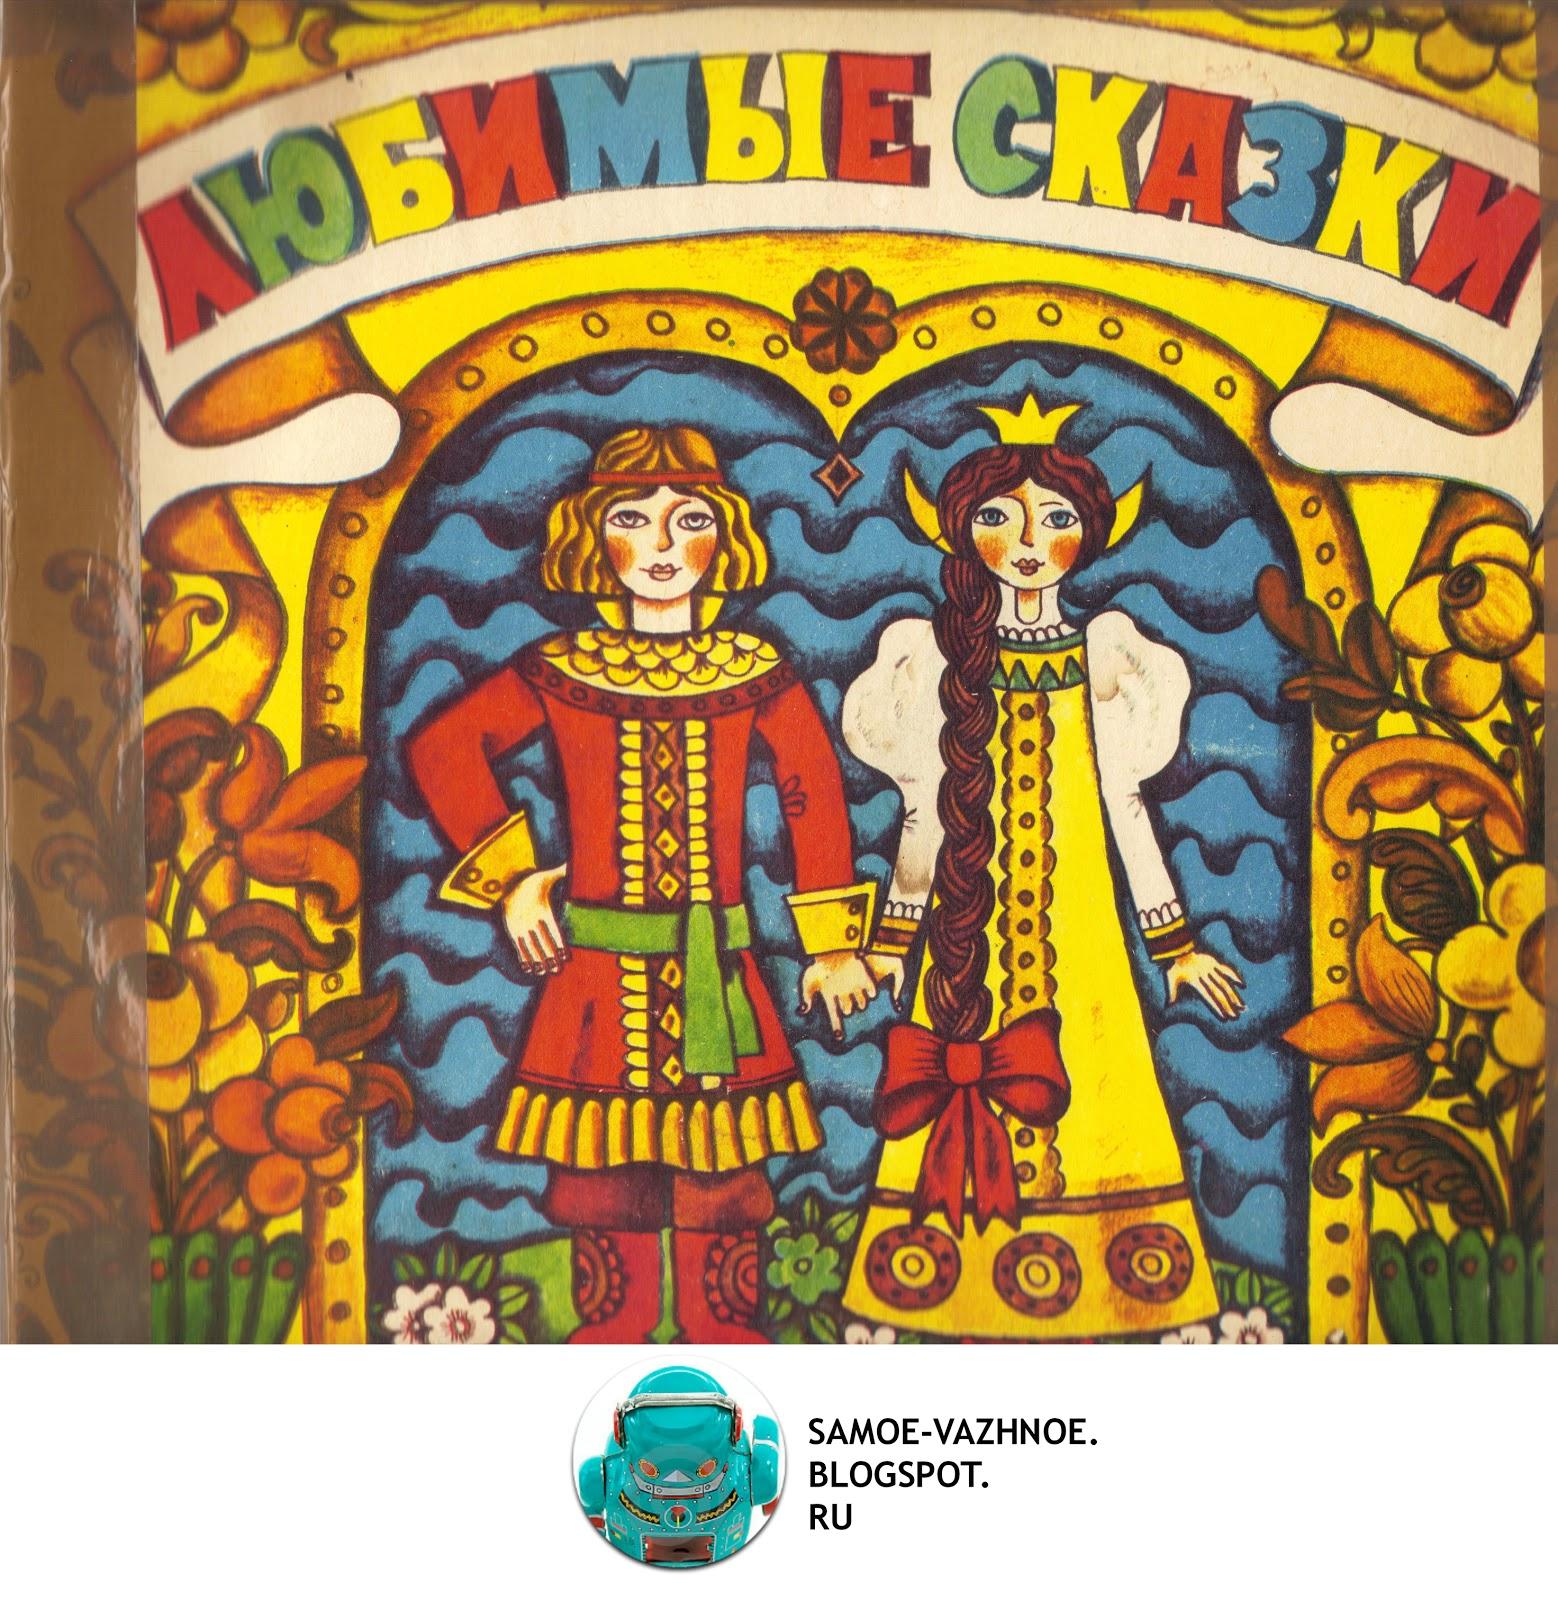 Советский иллюстратор Галумов, Галумова. Детский художник СССР Галумова, Галумов